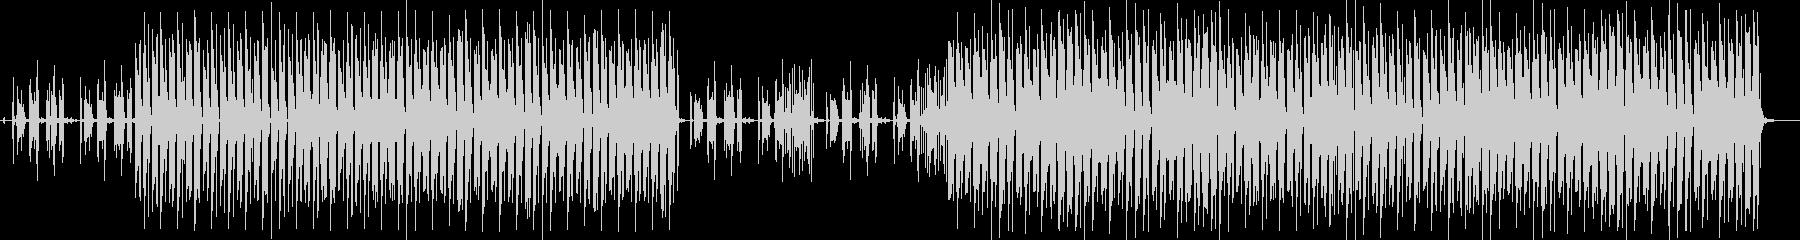 ダーク・ダーティー・EDM5の未再生の波形